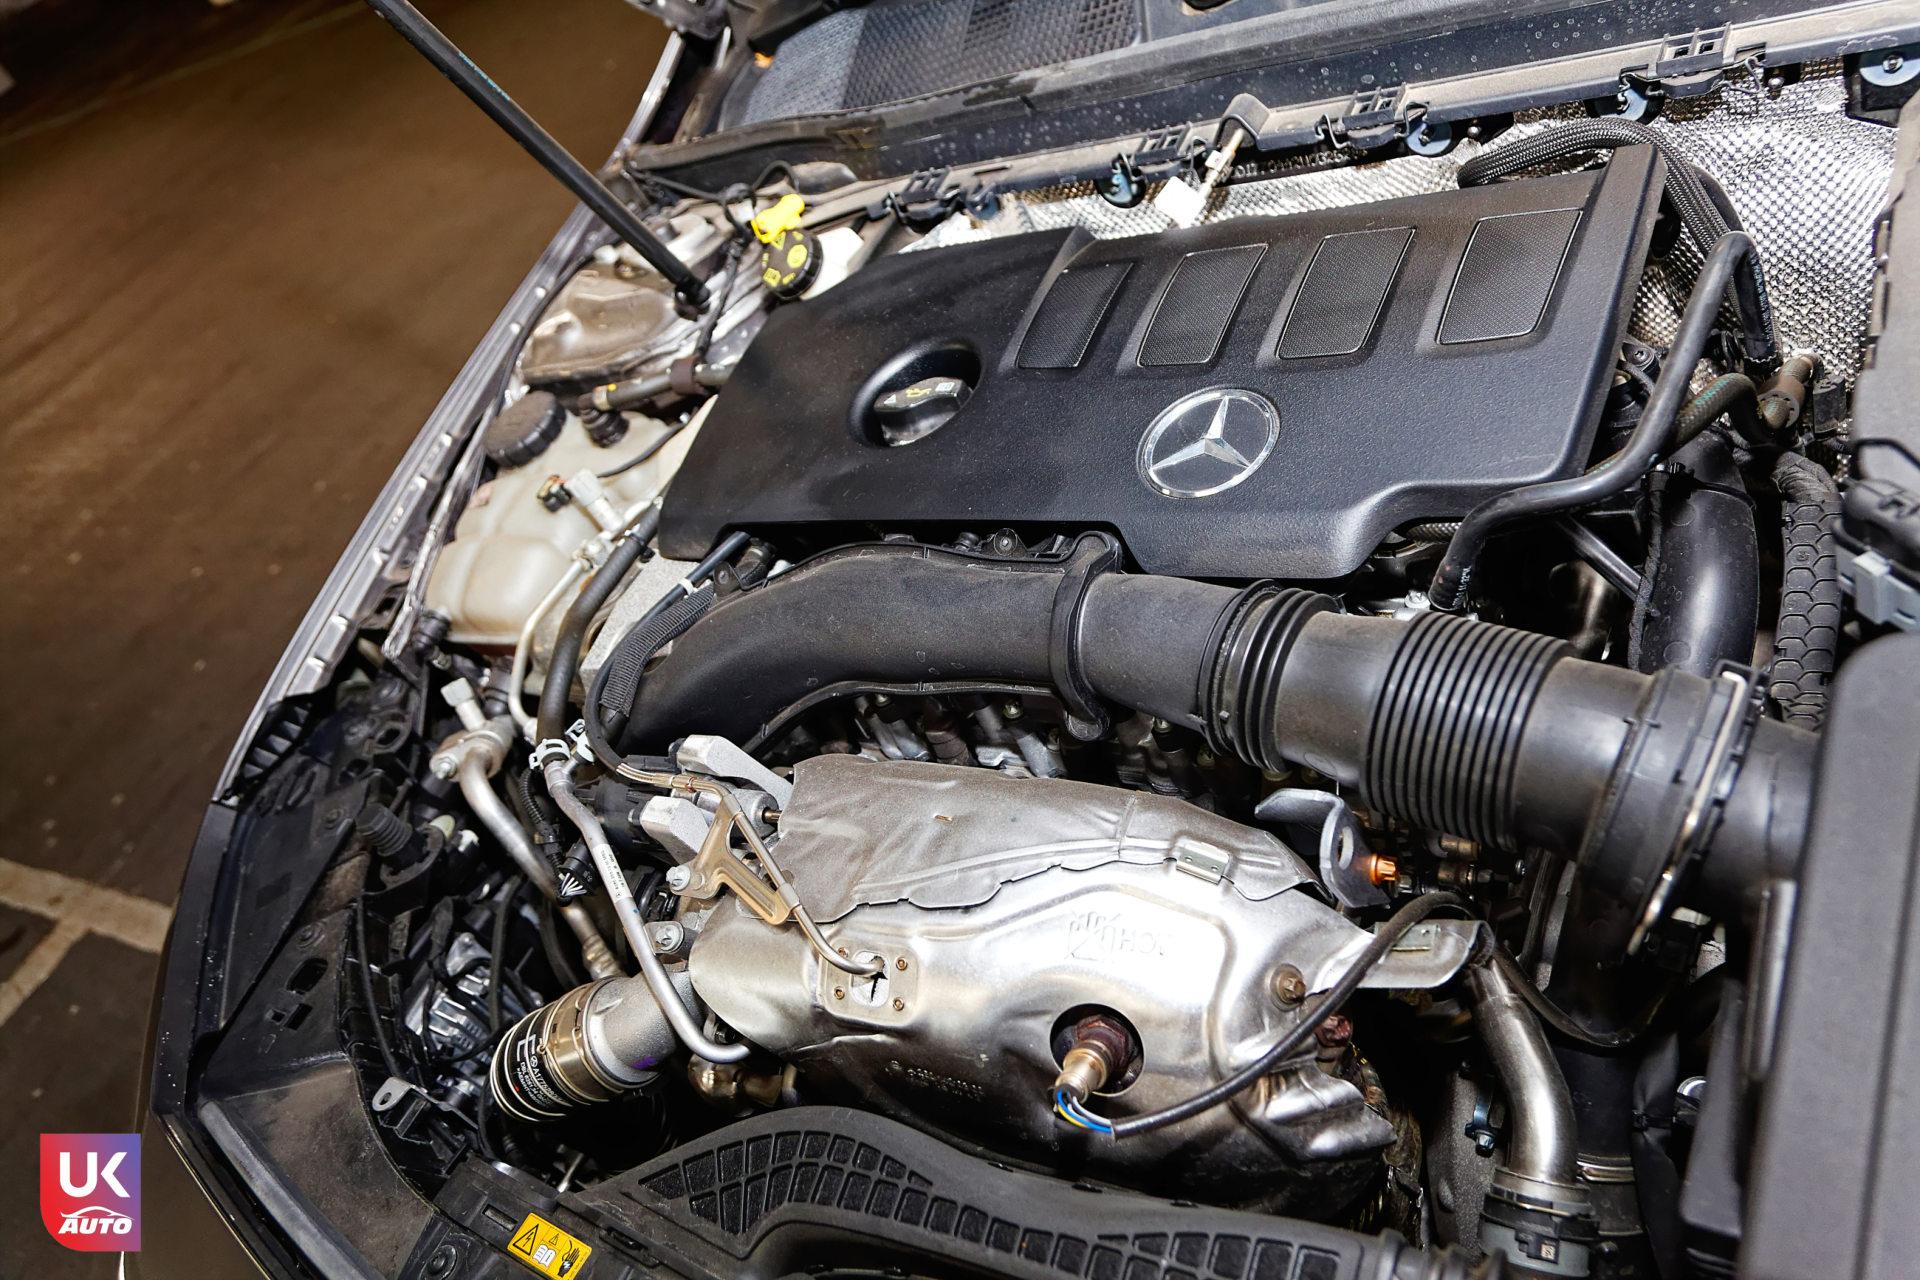 Mercedes uk mercedes angleterre mercedes a220 pack amg uk mercedes class a amg uk10 DxO - ACHAT ANGLETERRE MERCEDES C220 MERCEDES ANGLETERRE IMPORT UKAUTO.FR AUTOTRADER UK